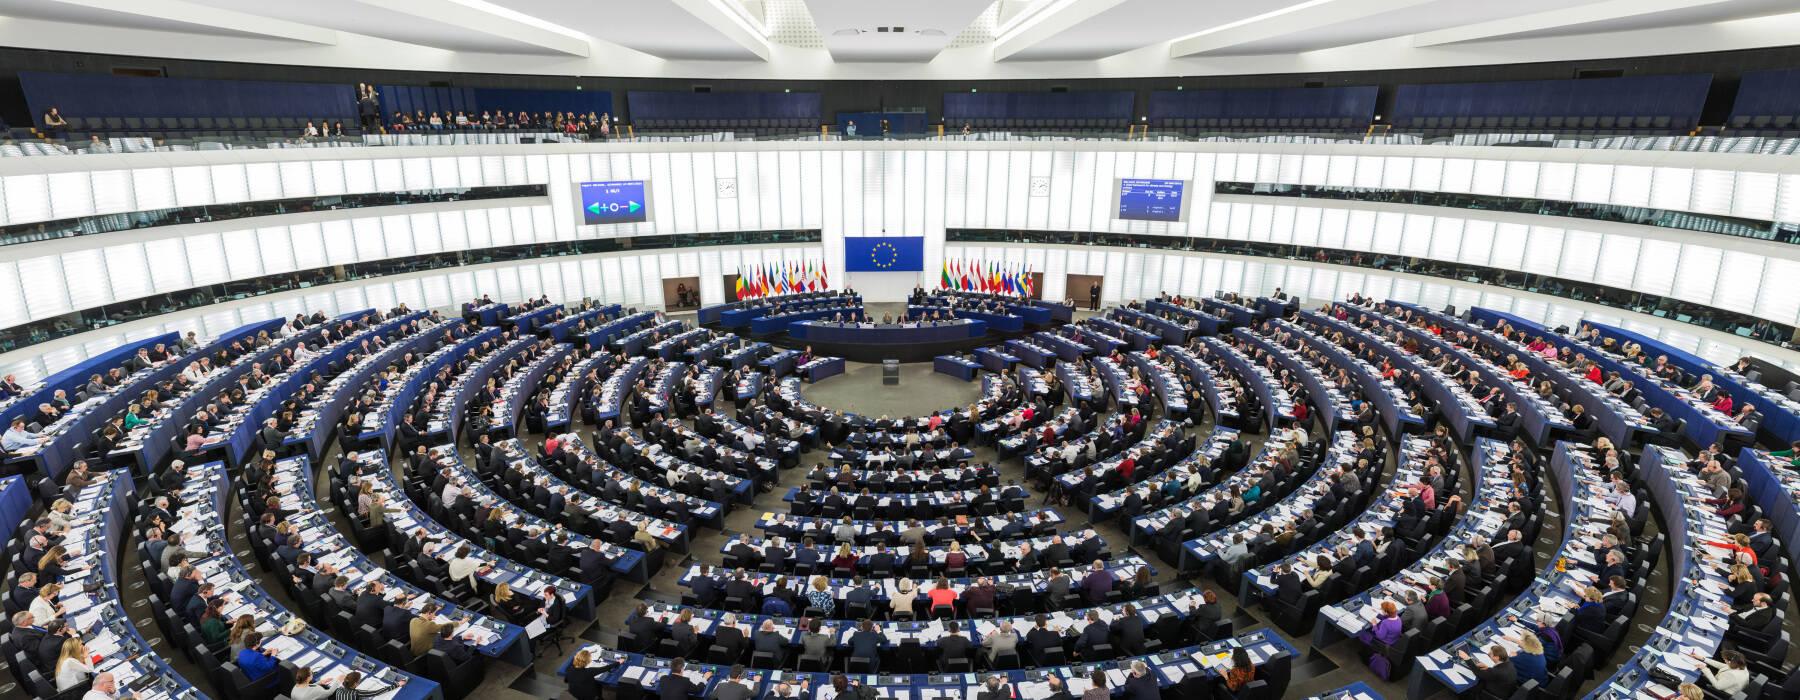 Nijs FNP - Europa - Parlemint